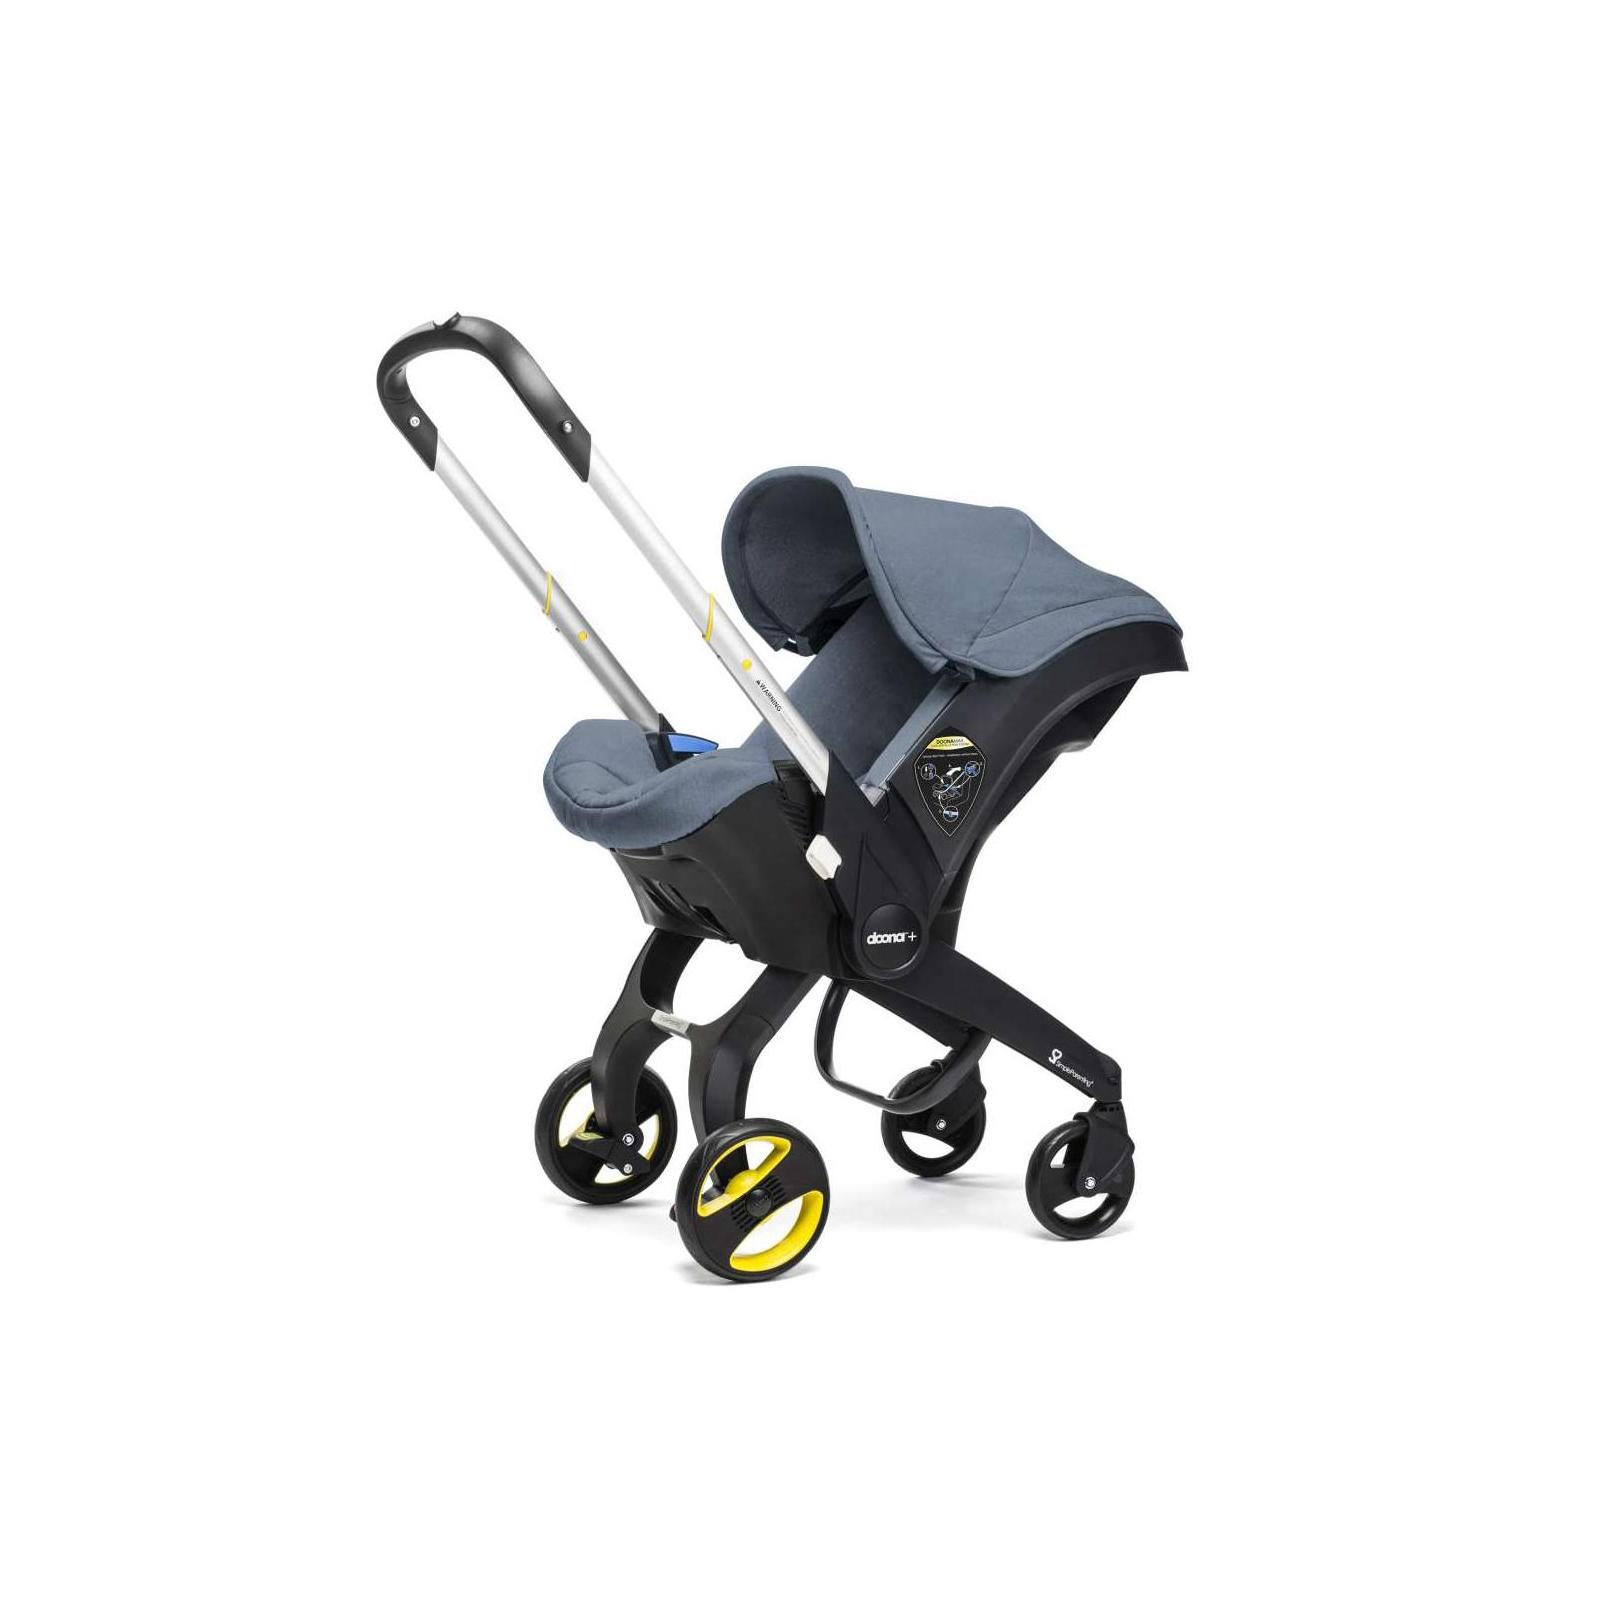 Автокресло Doona Infant Car Seat / Серое (SP150-20-006-015) изображение 8